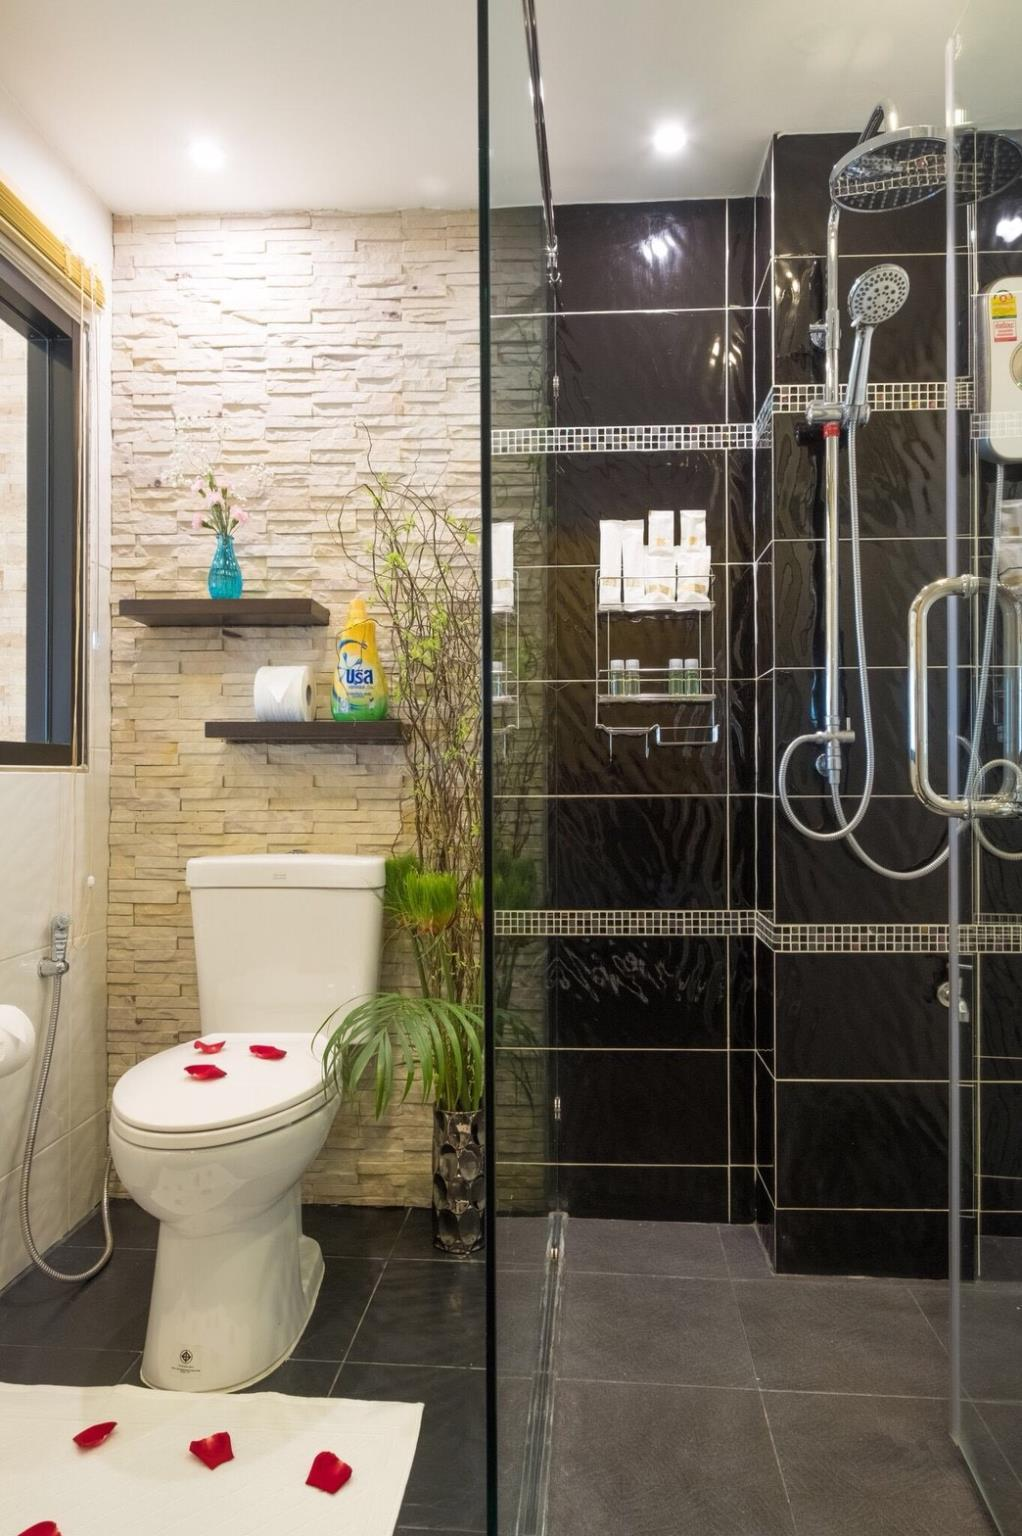 ,สตูดิโอ อพาร์ตเมนต์ 1 ห้องน้ำส่วนตัว ขนาด 38 ตร.ม. – นิมมานเหมินทร์